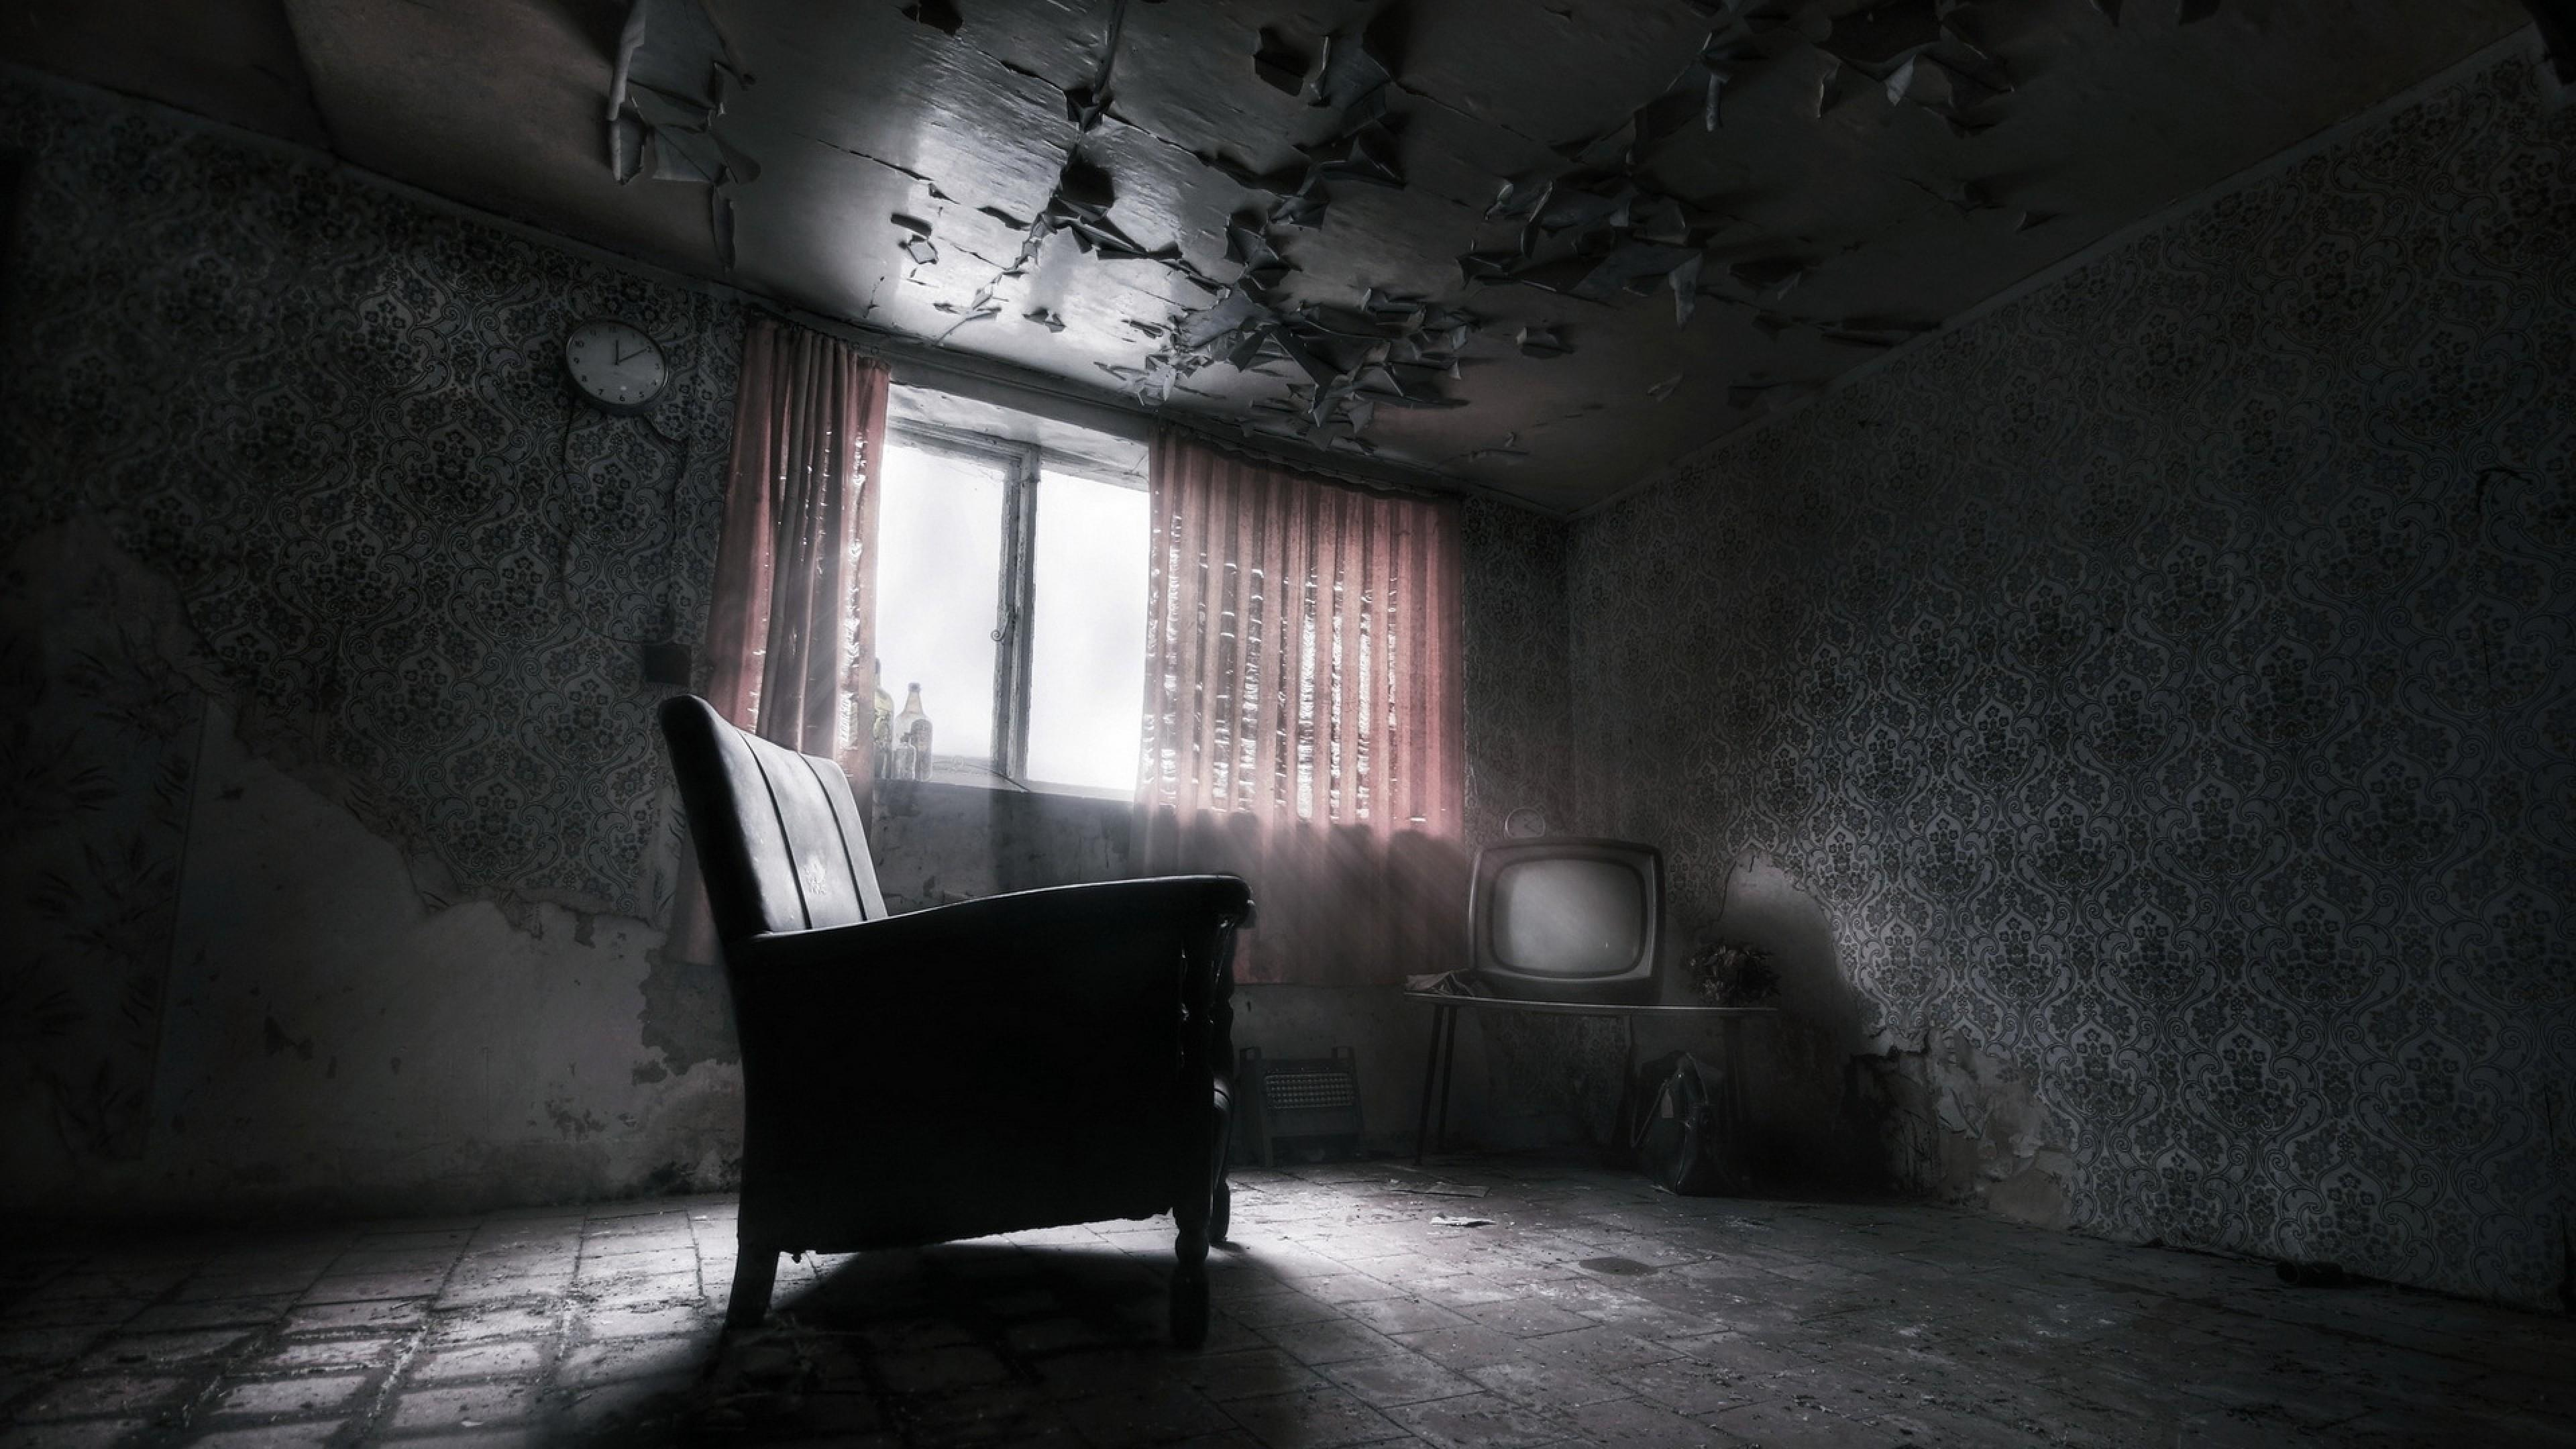 Abandoned Dark Room 4K UltraHD Wallpaper Wallpaper 3840x2160